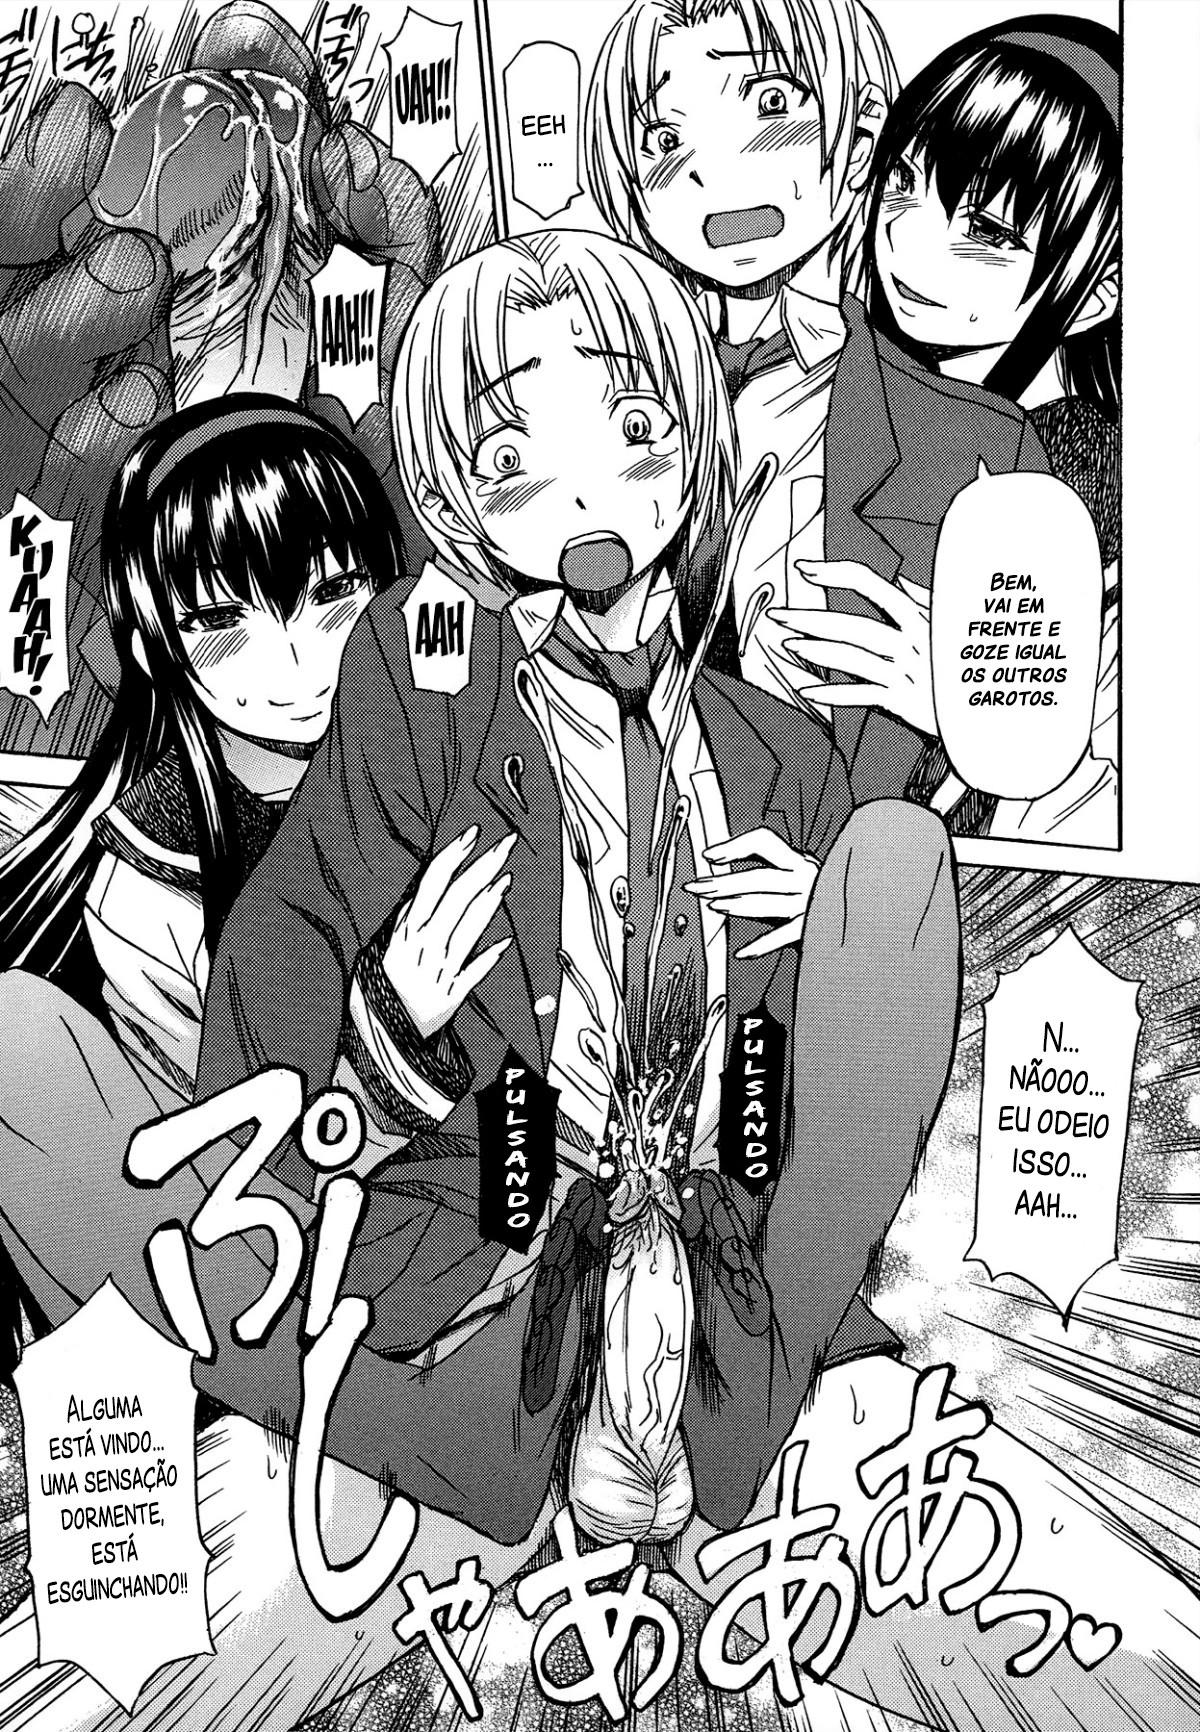 Ashigami Capitulo 5 - pagina 35